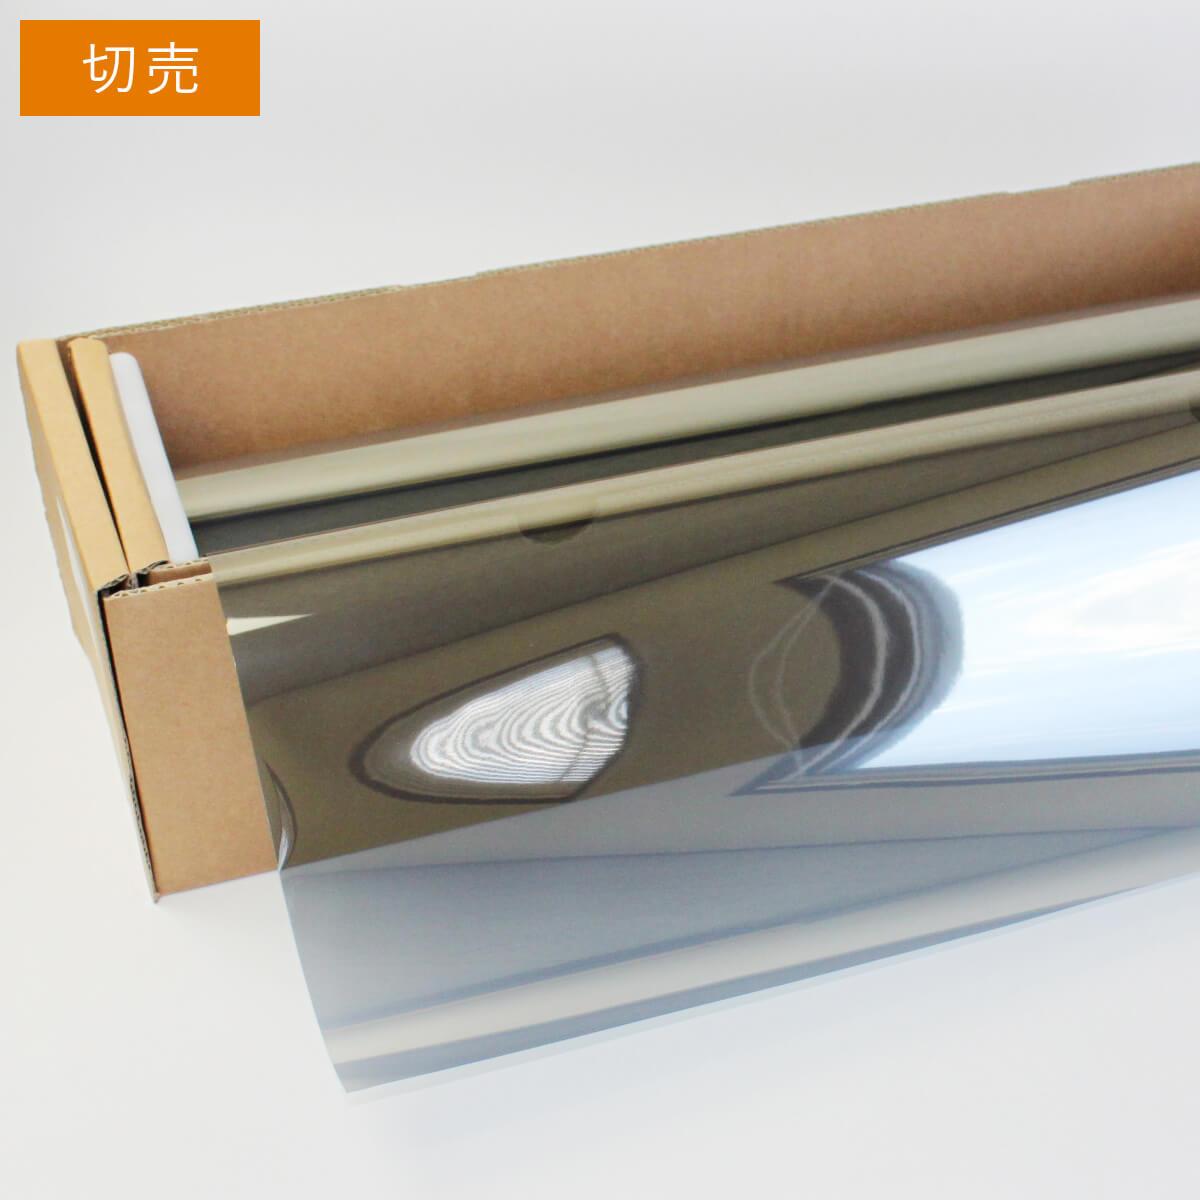 スパッタシルバー35 1m幅×1m単位切売 ウィンドウフィルム 窓ガラスフィルム マジックミラーフィルム 遮熱フィルム 断熱フィルム UVカットフィルム ブレインテック Braintec #SP-MSV3540C#